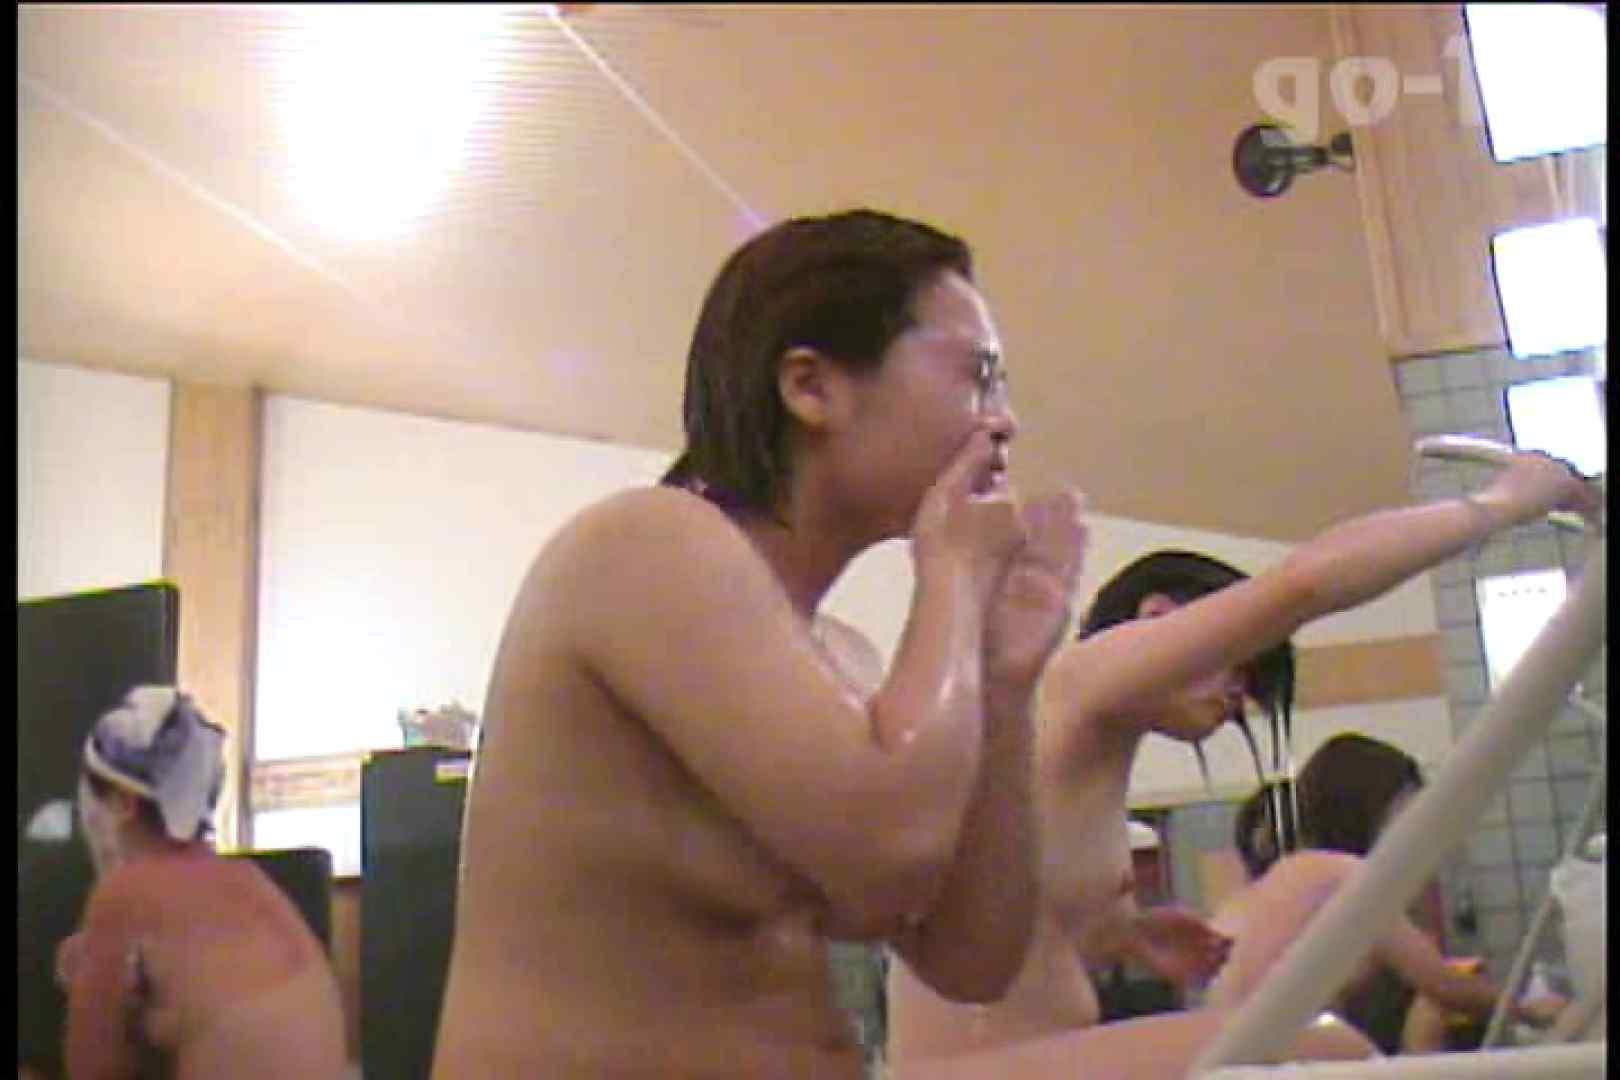 電波カメラ設置浴場からの防HAN映像 Vol.15 OLのボディ 盗撮動画紹介 53PIX 47